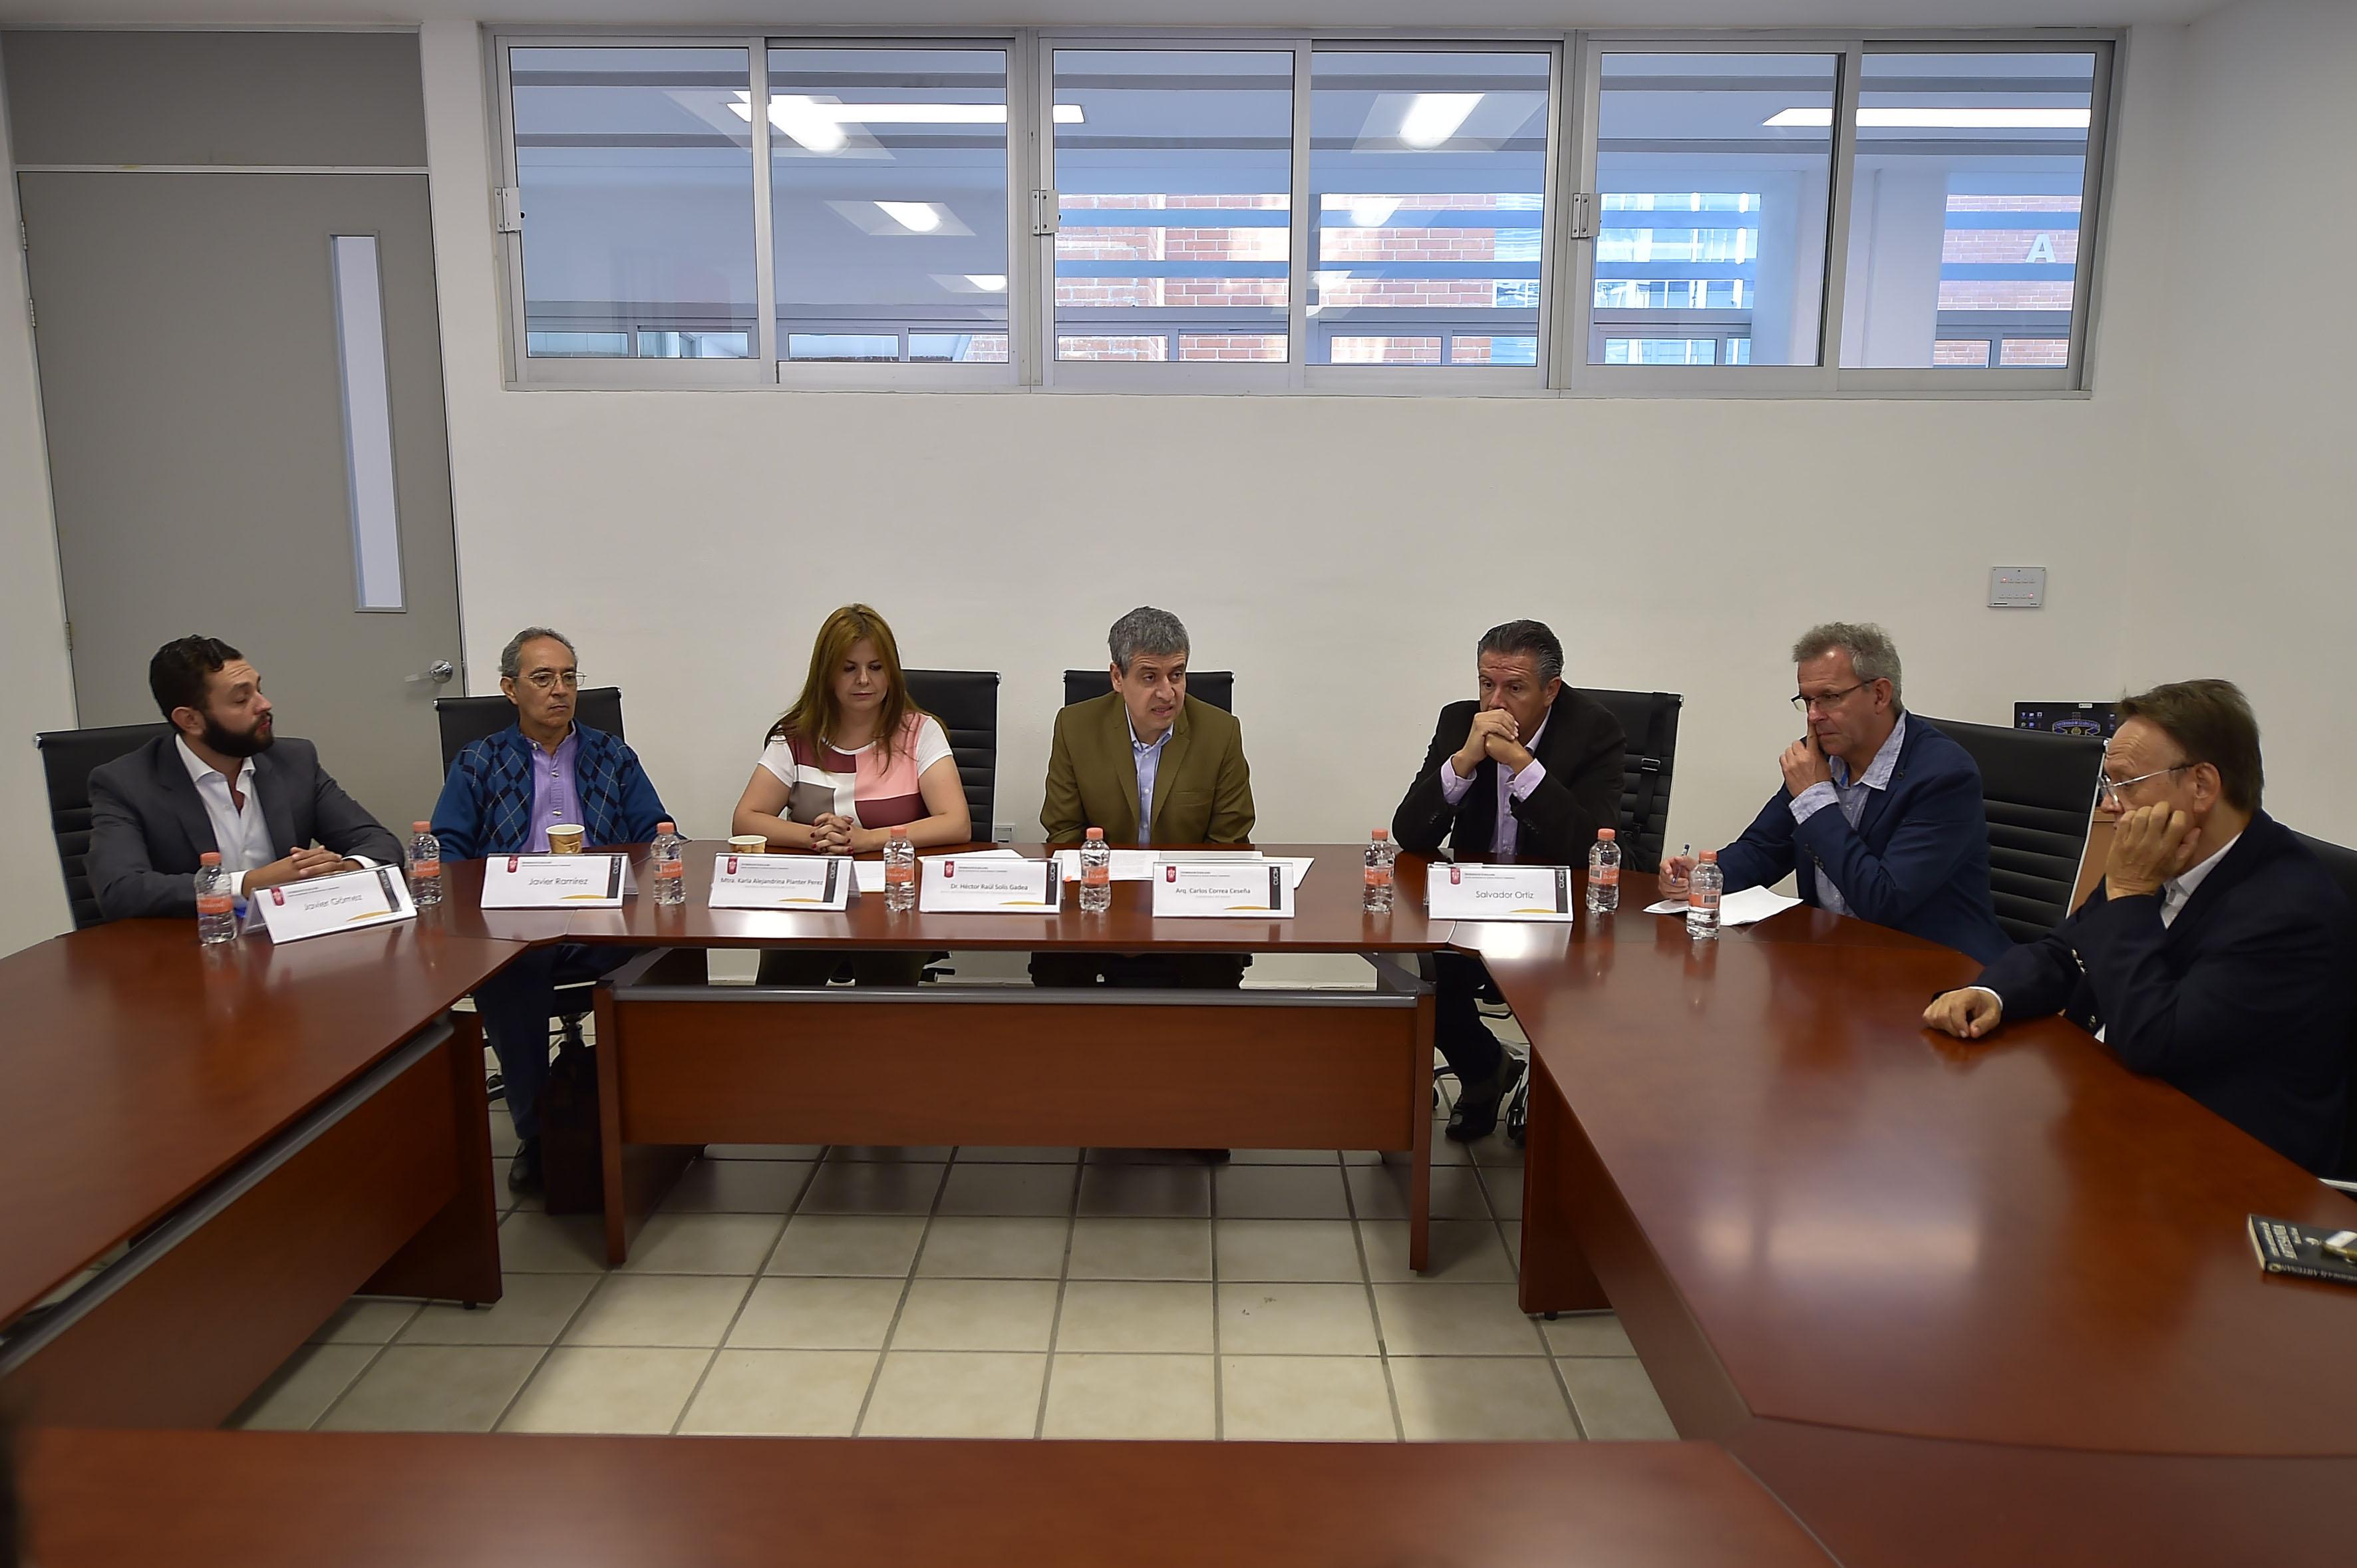 Artistas, historiadores del arte e investigadores participando en la conferencia